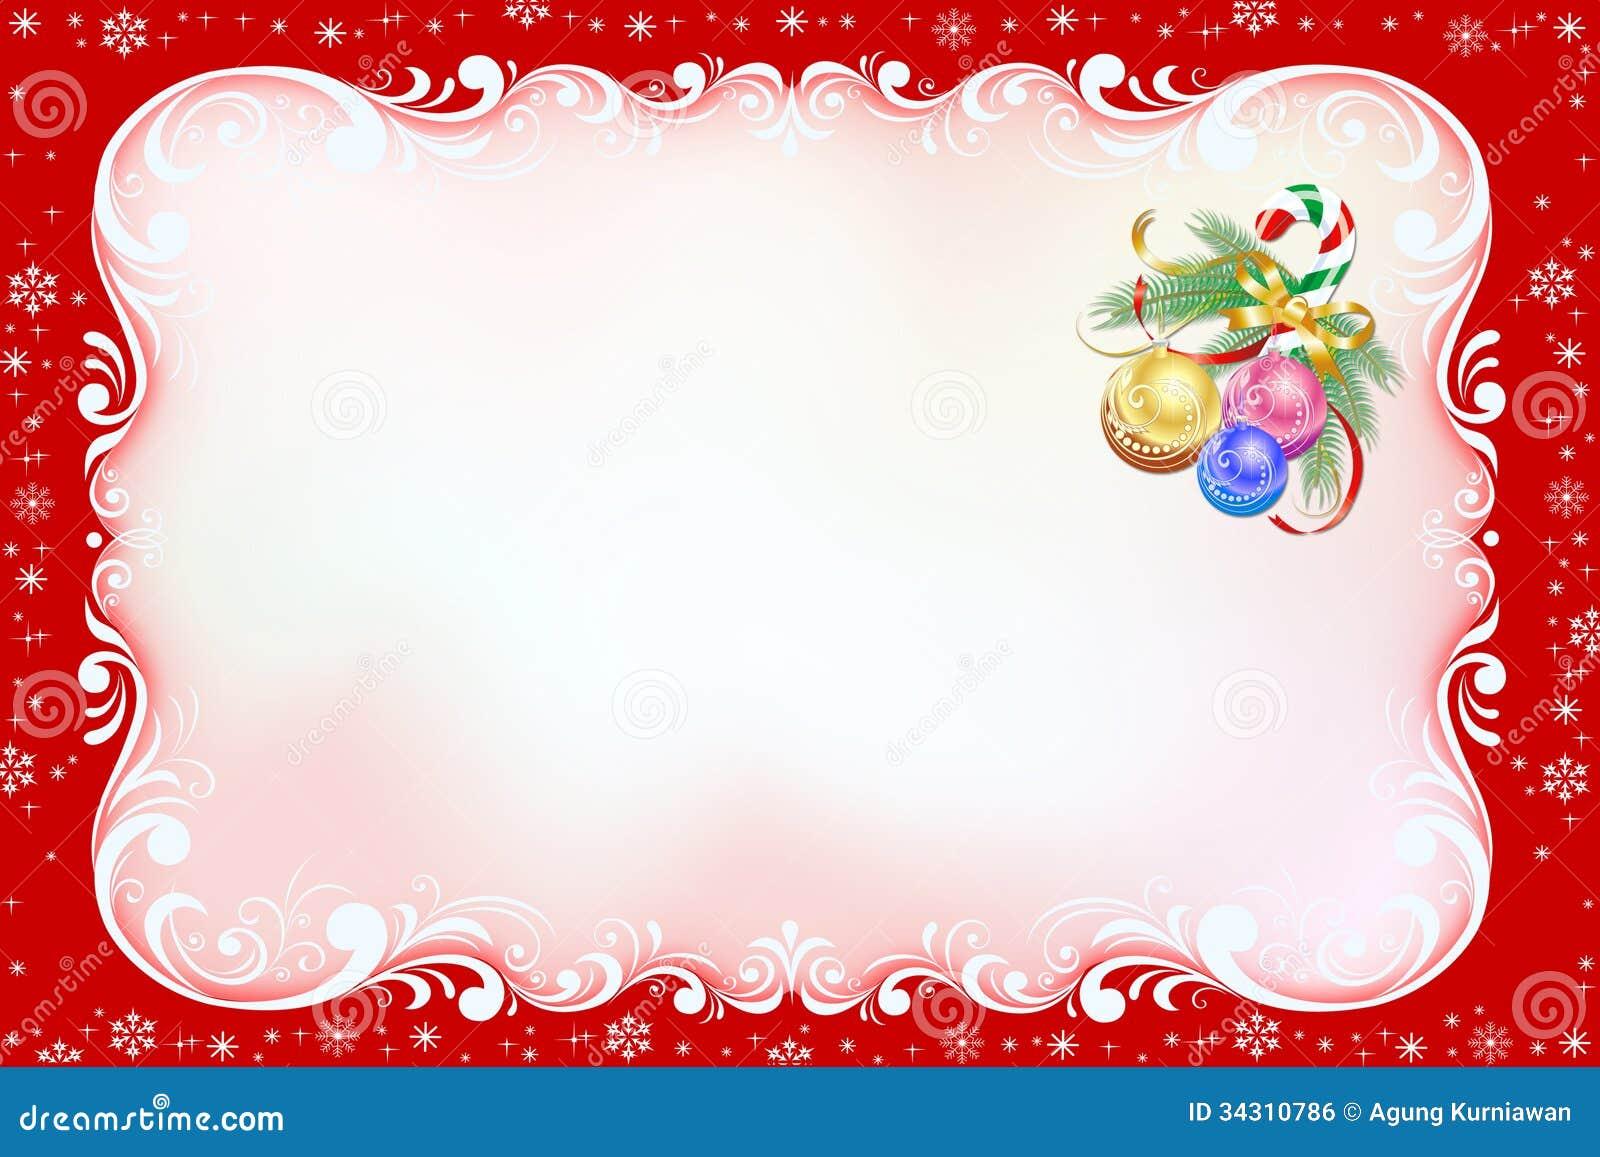 Tarjeta De Navidad Roja Con El Marco Del Remolino. Stock de ...